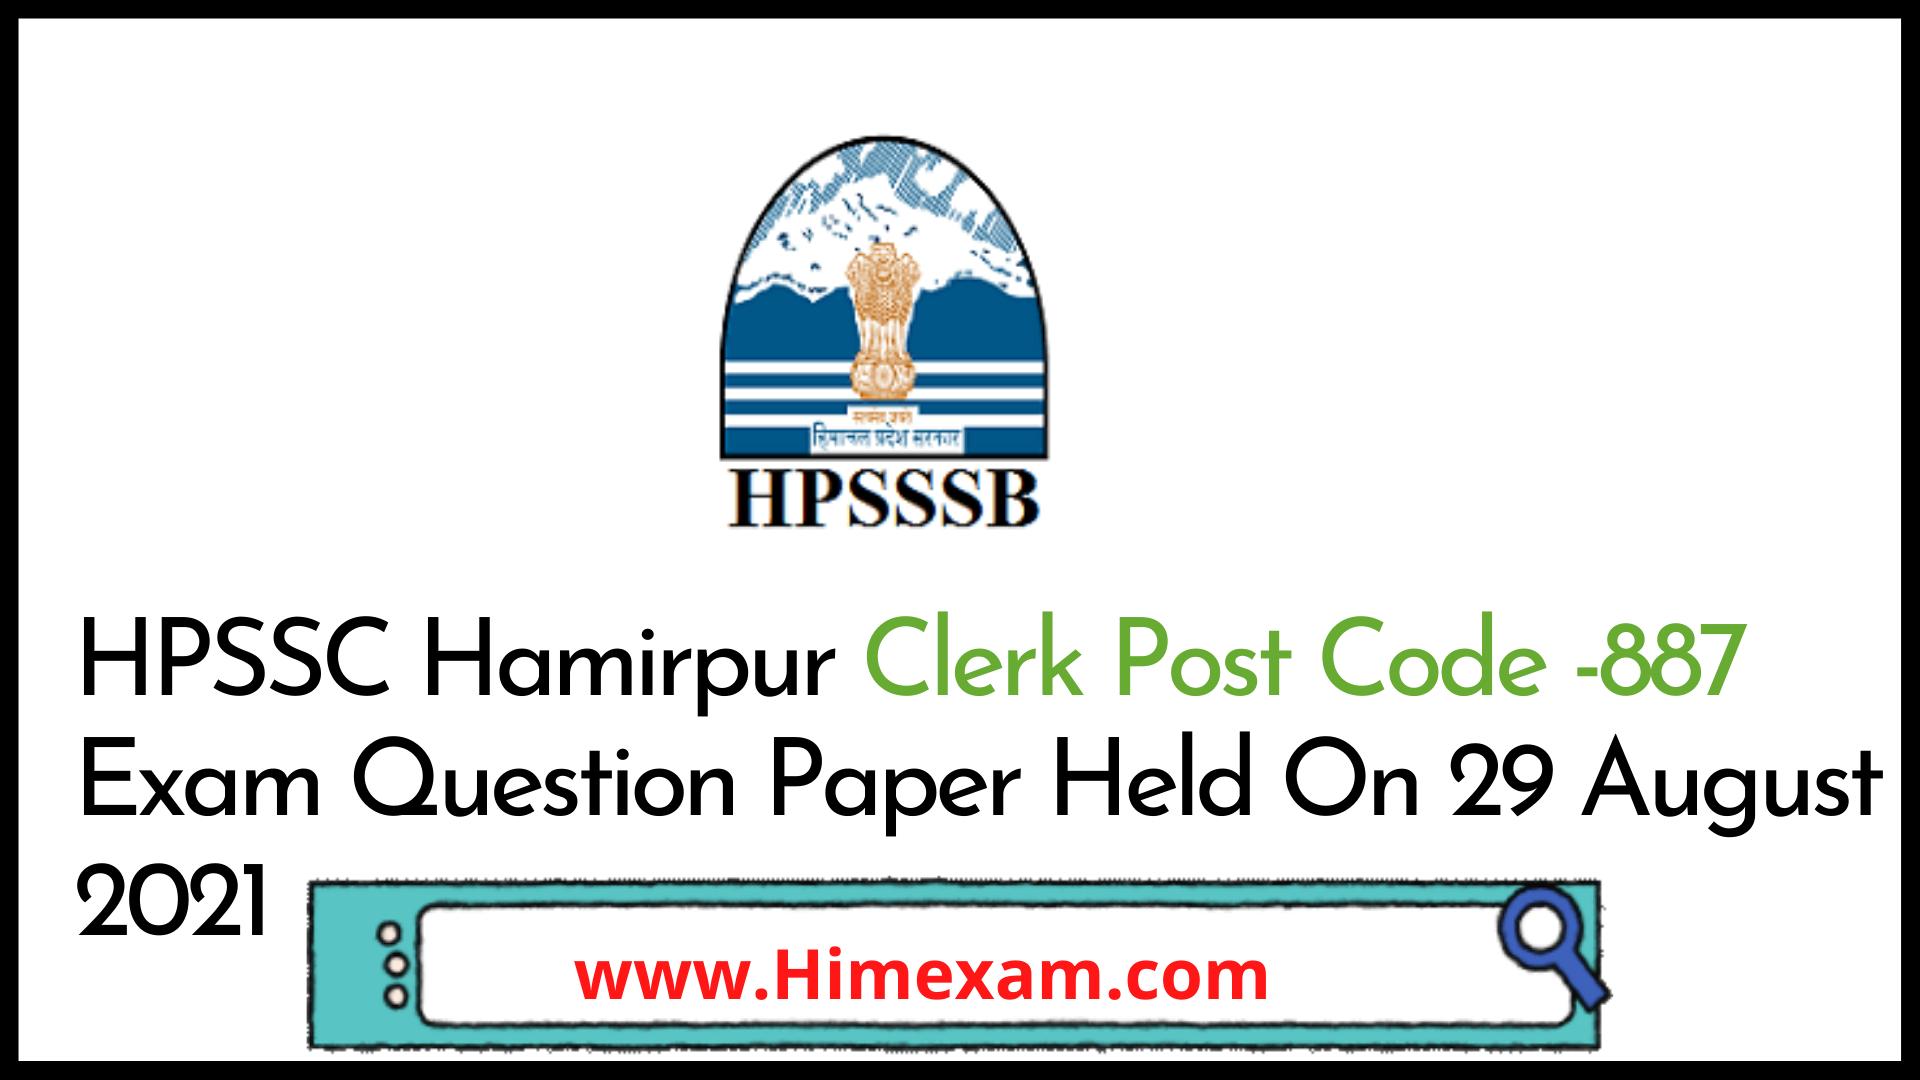 HPSSC Hamirpur Clerk  Post Code -887 Exam Question Paper Held On 29 August 2021